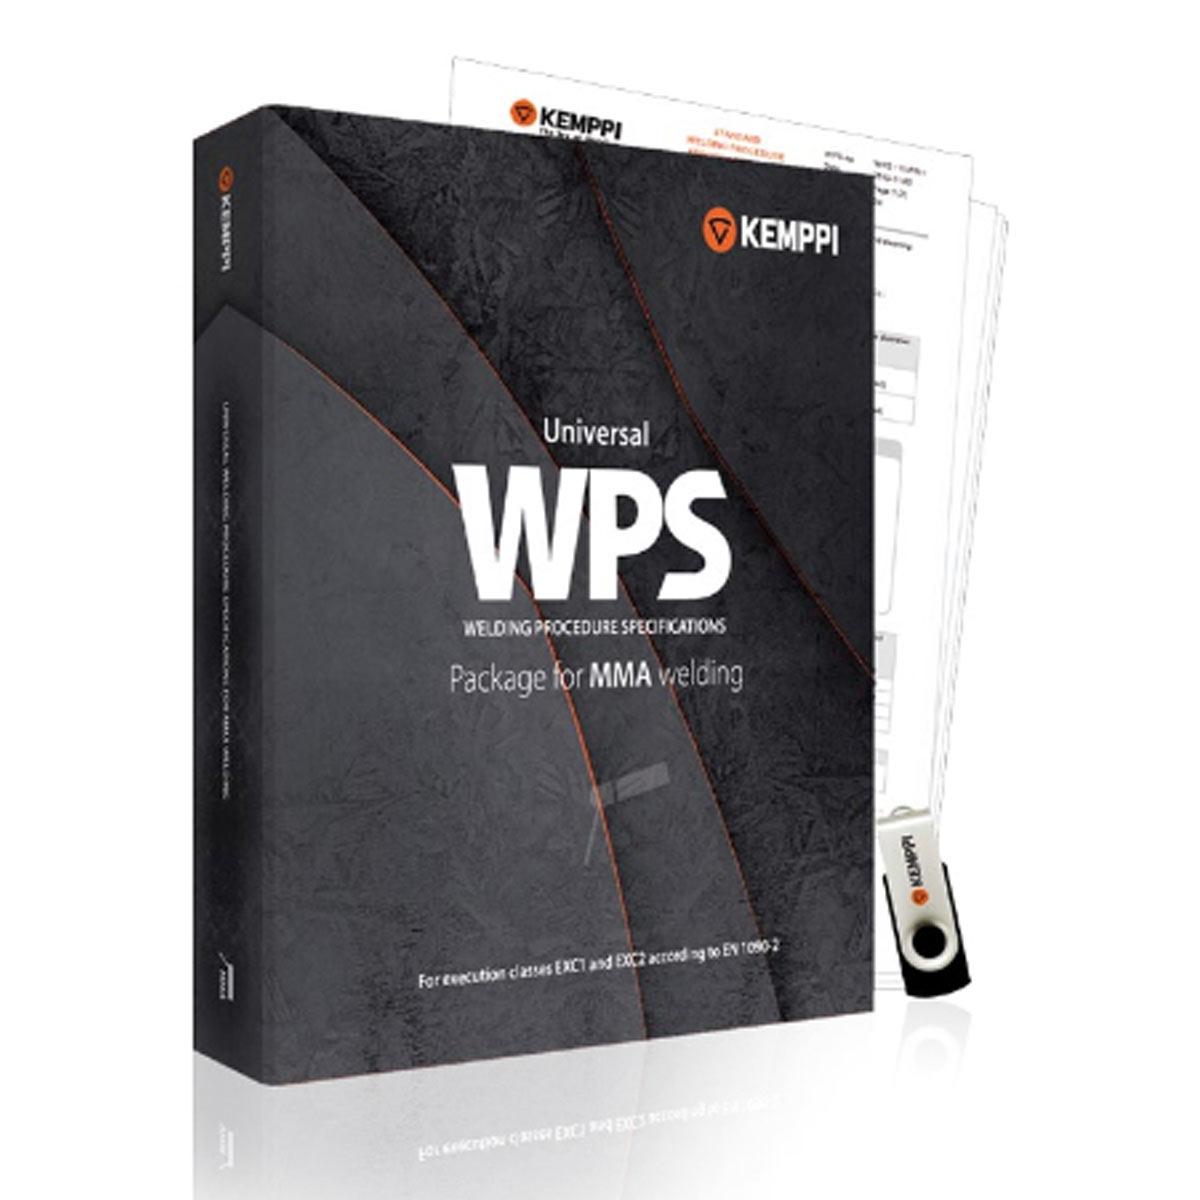 wps standardpakete f r mig mag schwei en kemppi 6800001 literatur software 1364lit0005. Black Bedroom Furniture Sets. Home Design Ideas